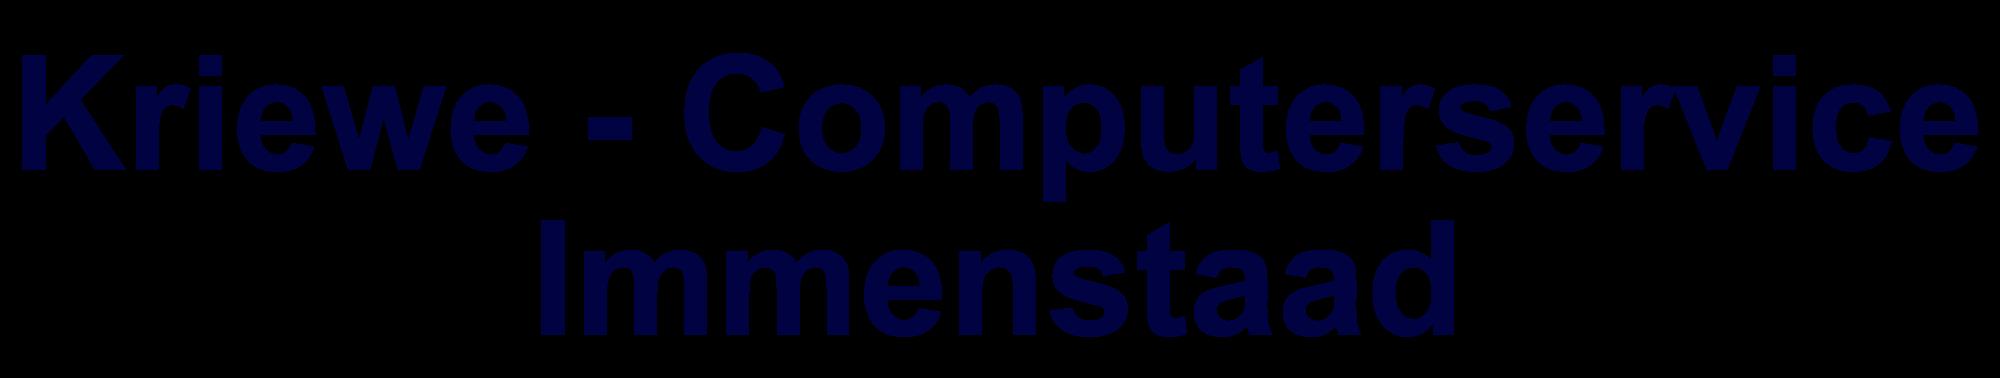 Kriewe Logo groß